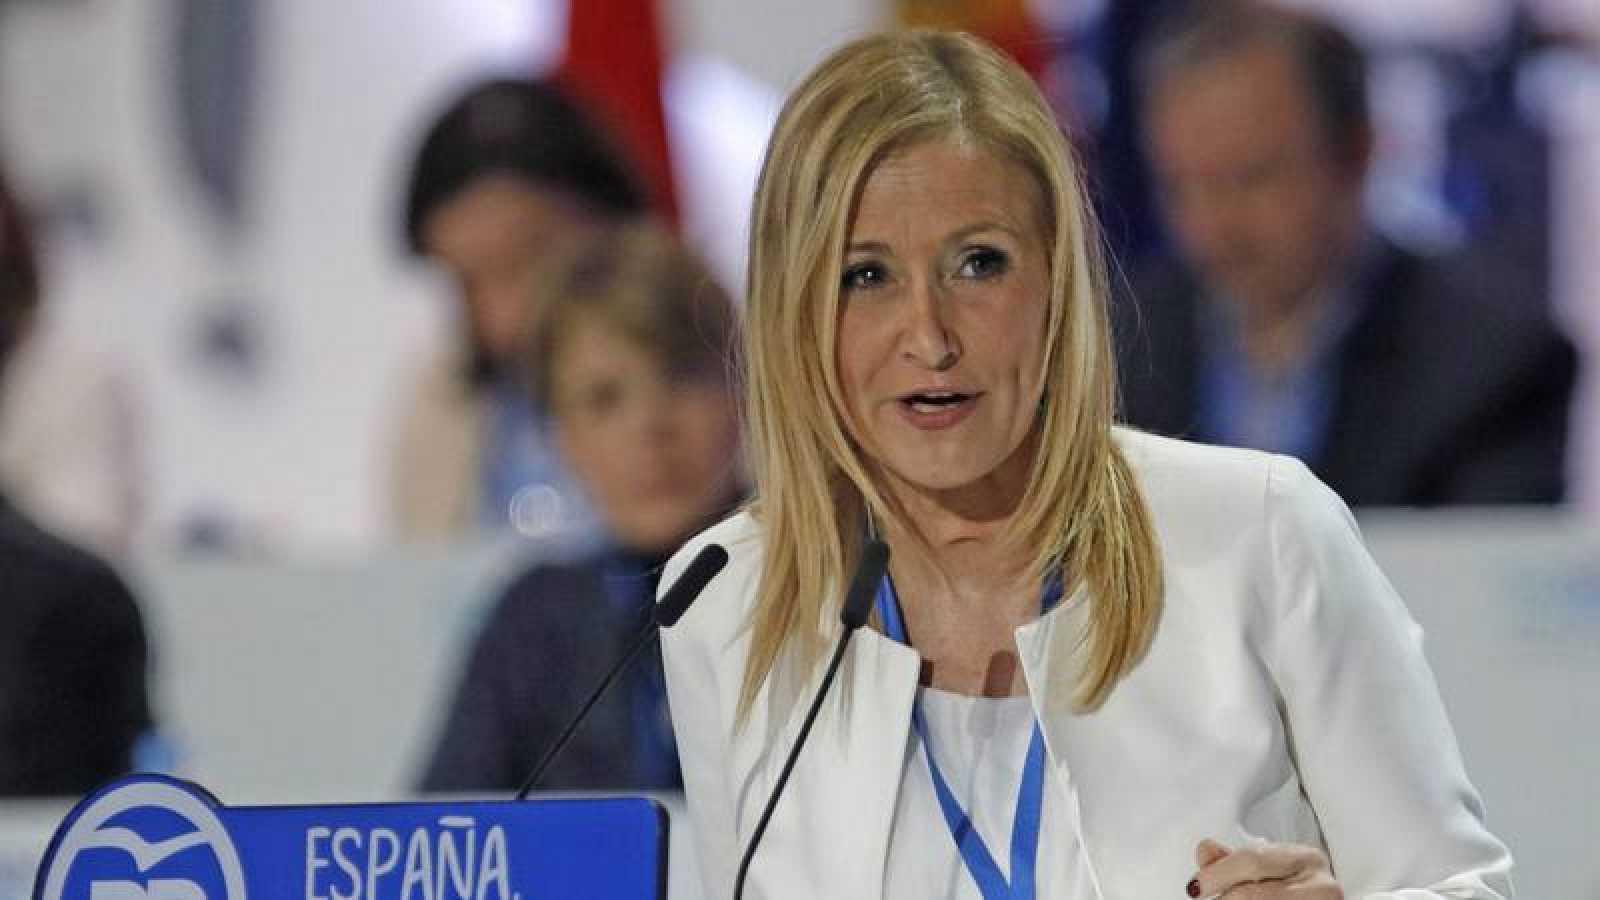 Cristina Cifuentes, presidenta de la Comunidad de Madrid durante el XVIII Congreso Nacional del PP